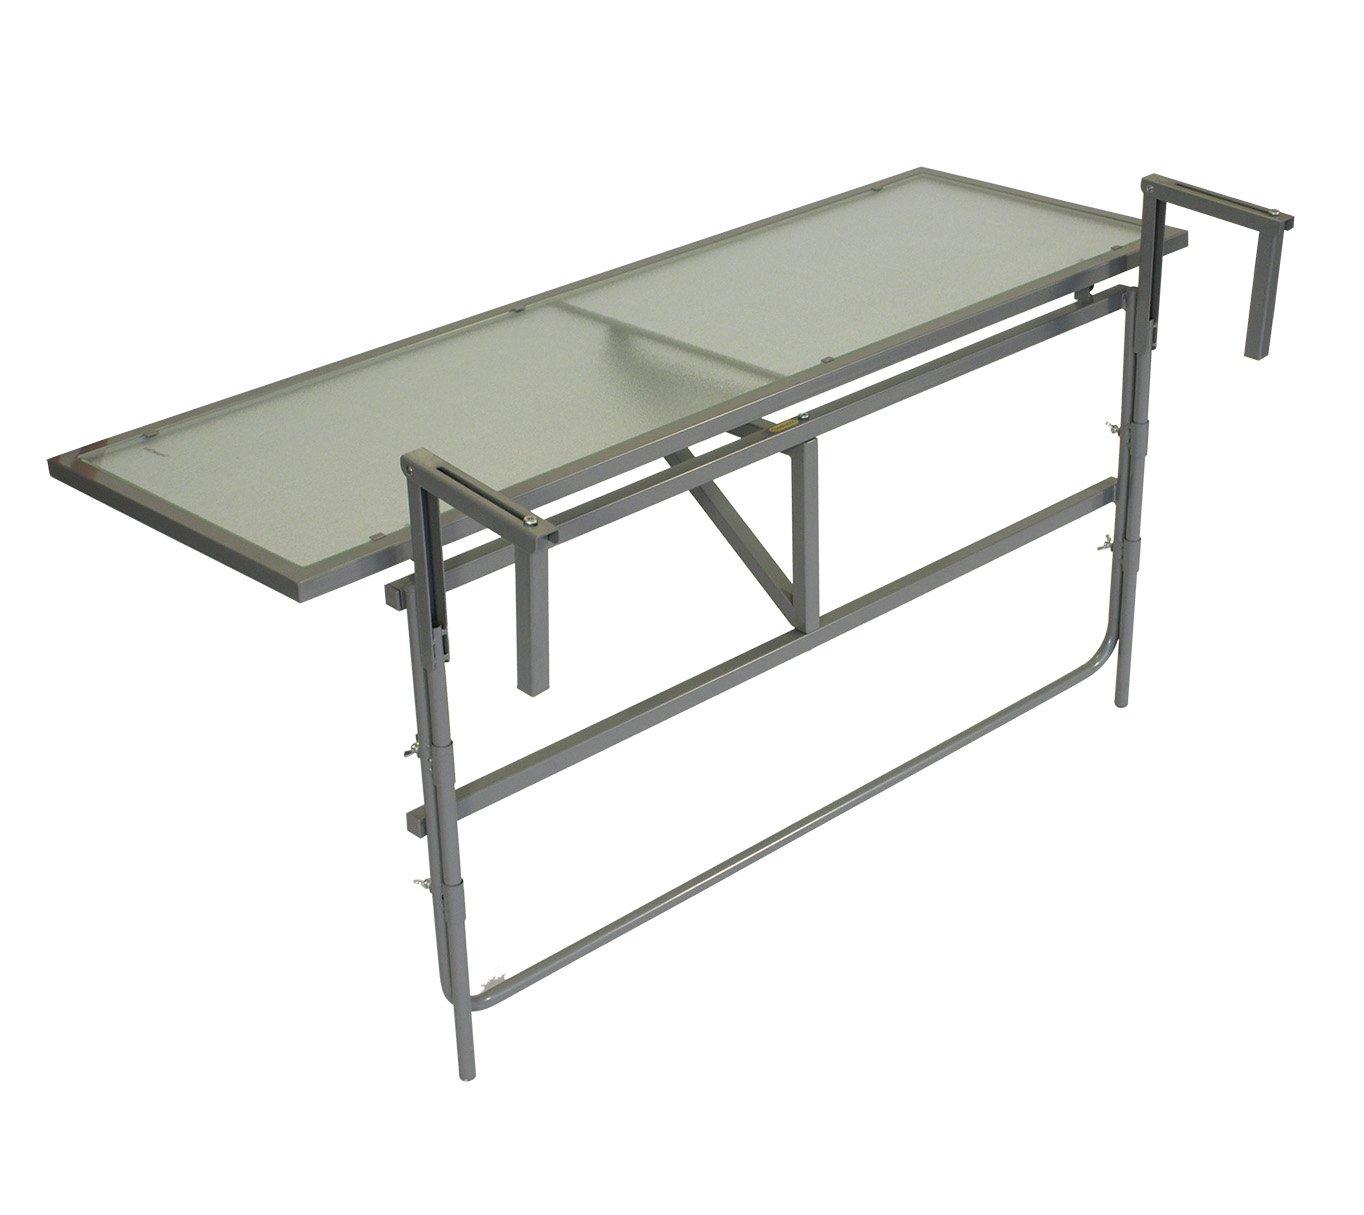 Balkonhängetisch 120x40cm, Stahl grau + Sicherheitsglas, klappbar günstig online kaufen